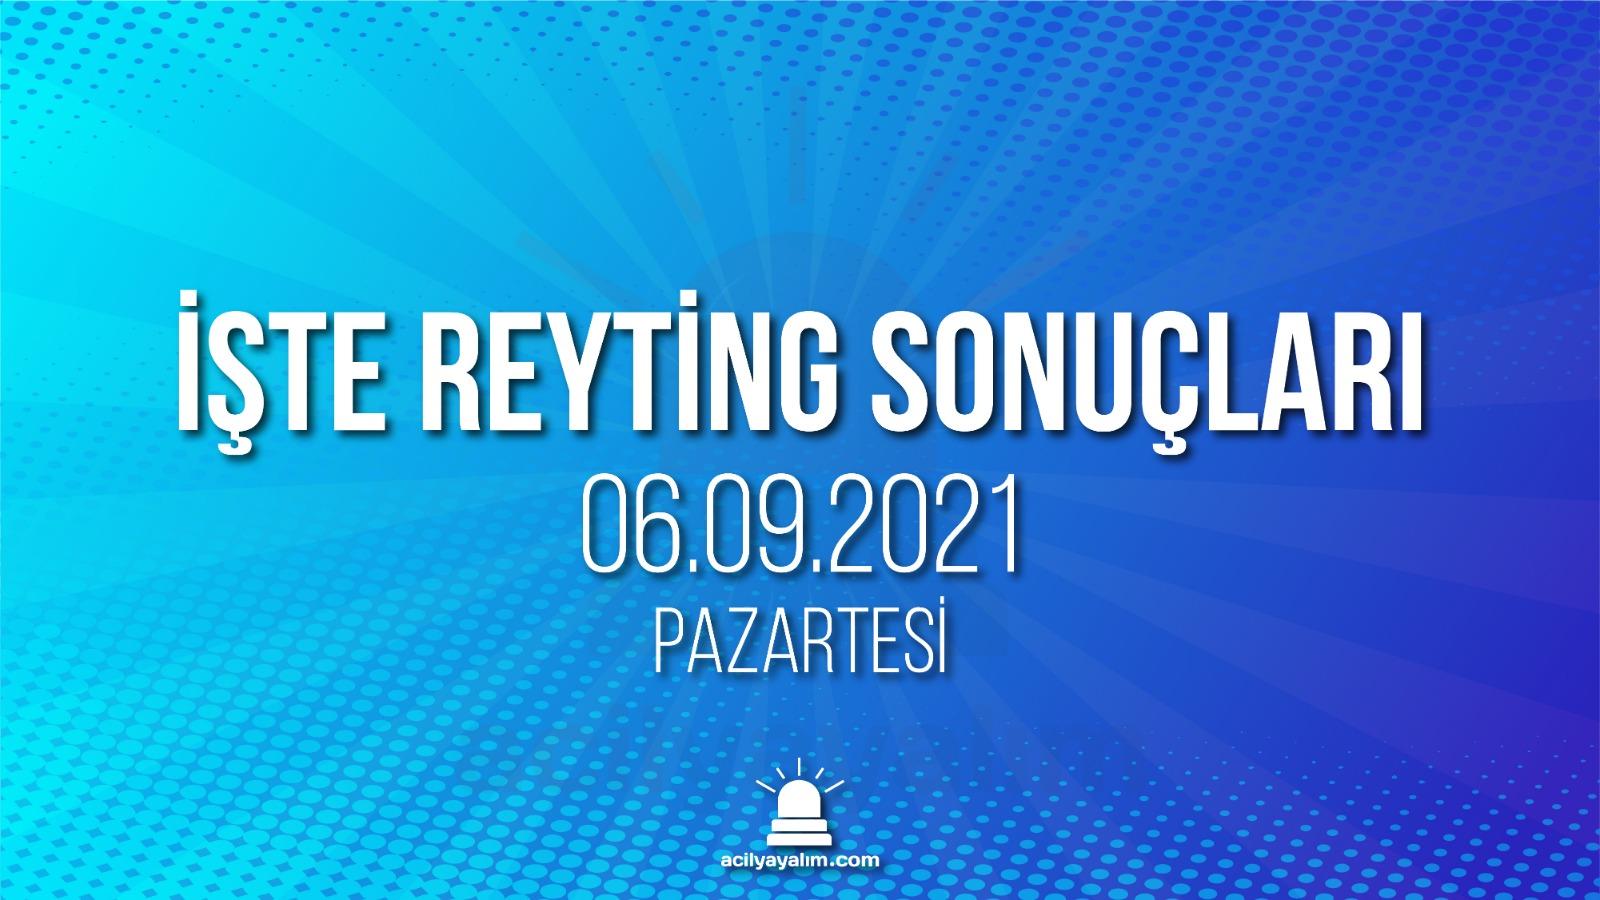 6 Eylül 2021 Pazartesi reyting sonuçları